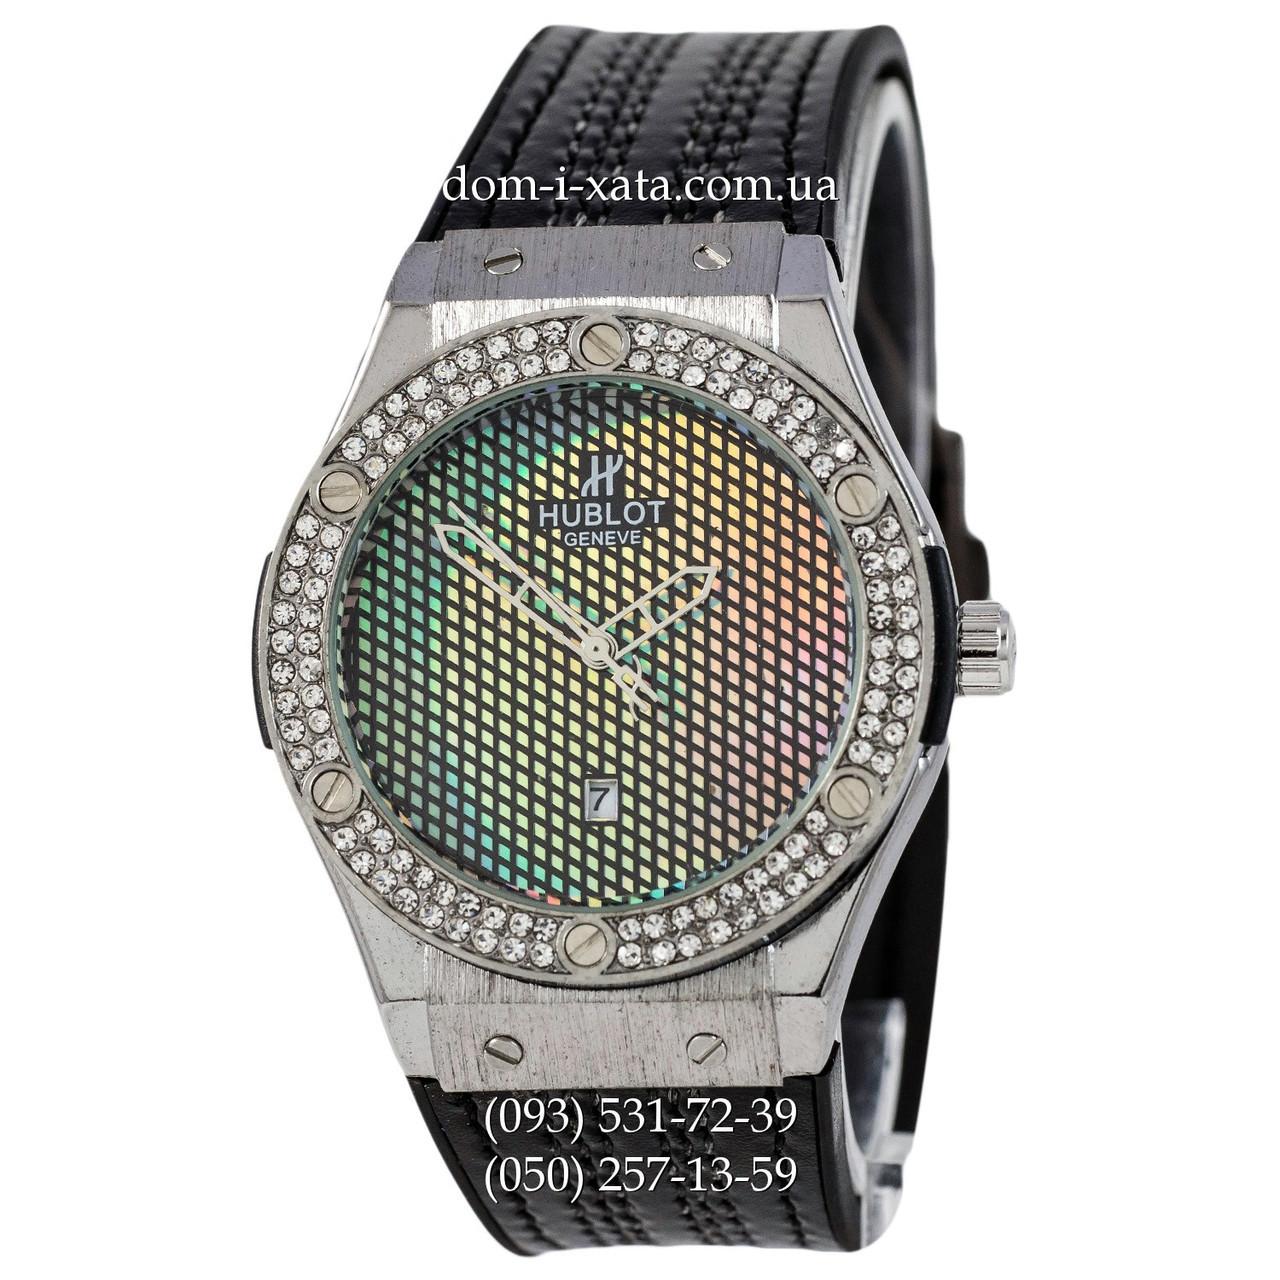 Мужские наручные часы Hublot Classic Fusion Black-Silver Crystal, Хублот классик, реплика отличное качество!